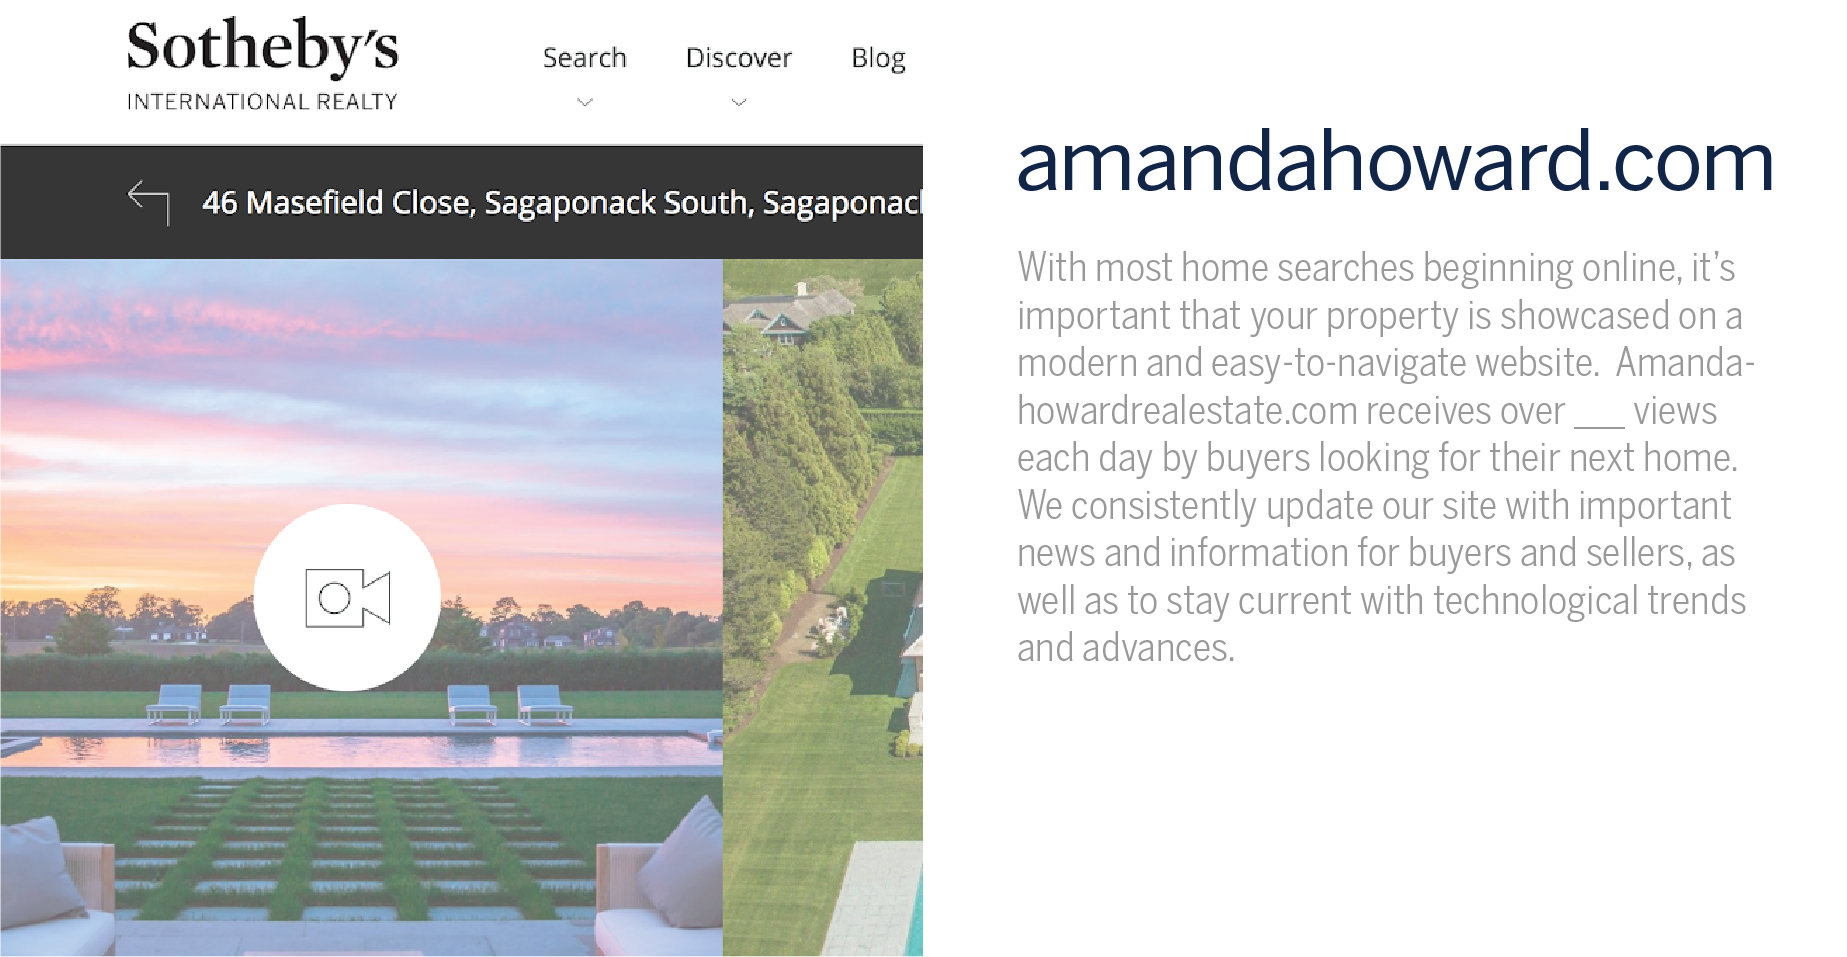 Amandahoward.com